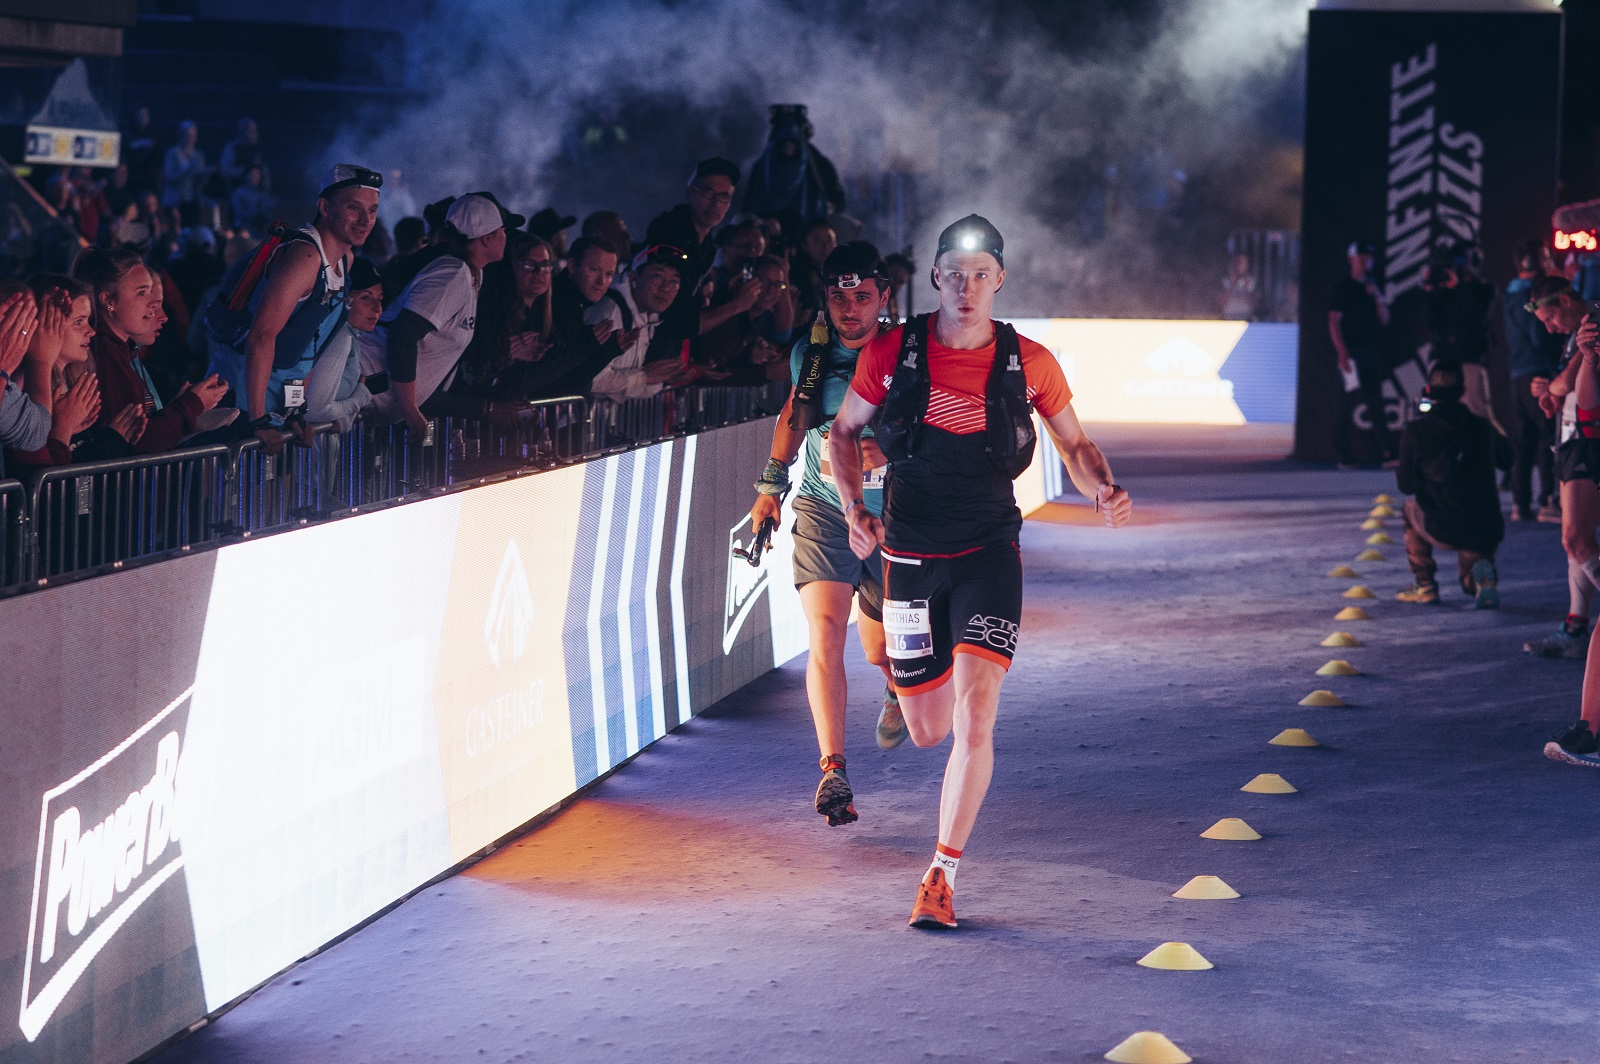 der erste Staffelläufer verlässt die Arena